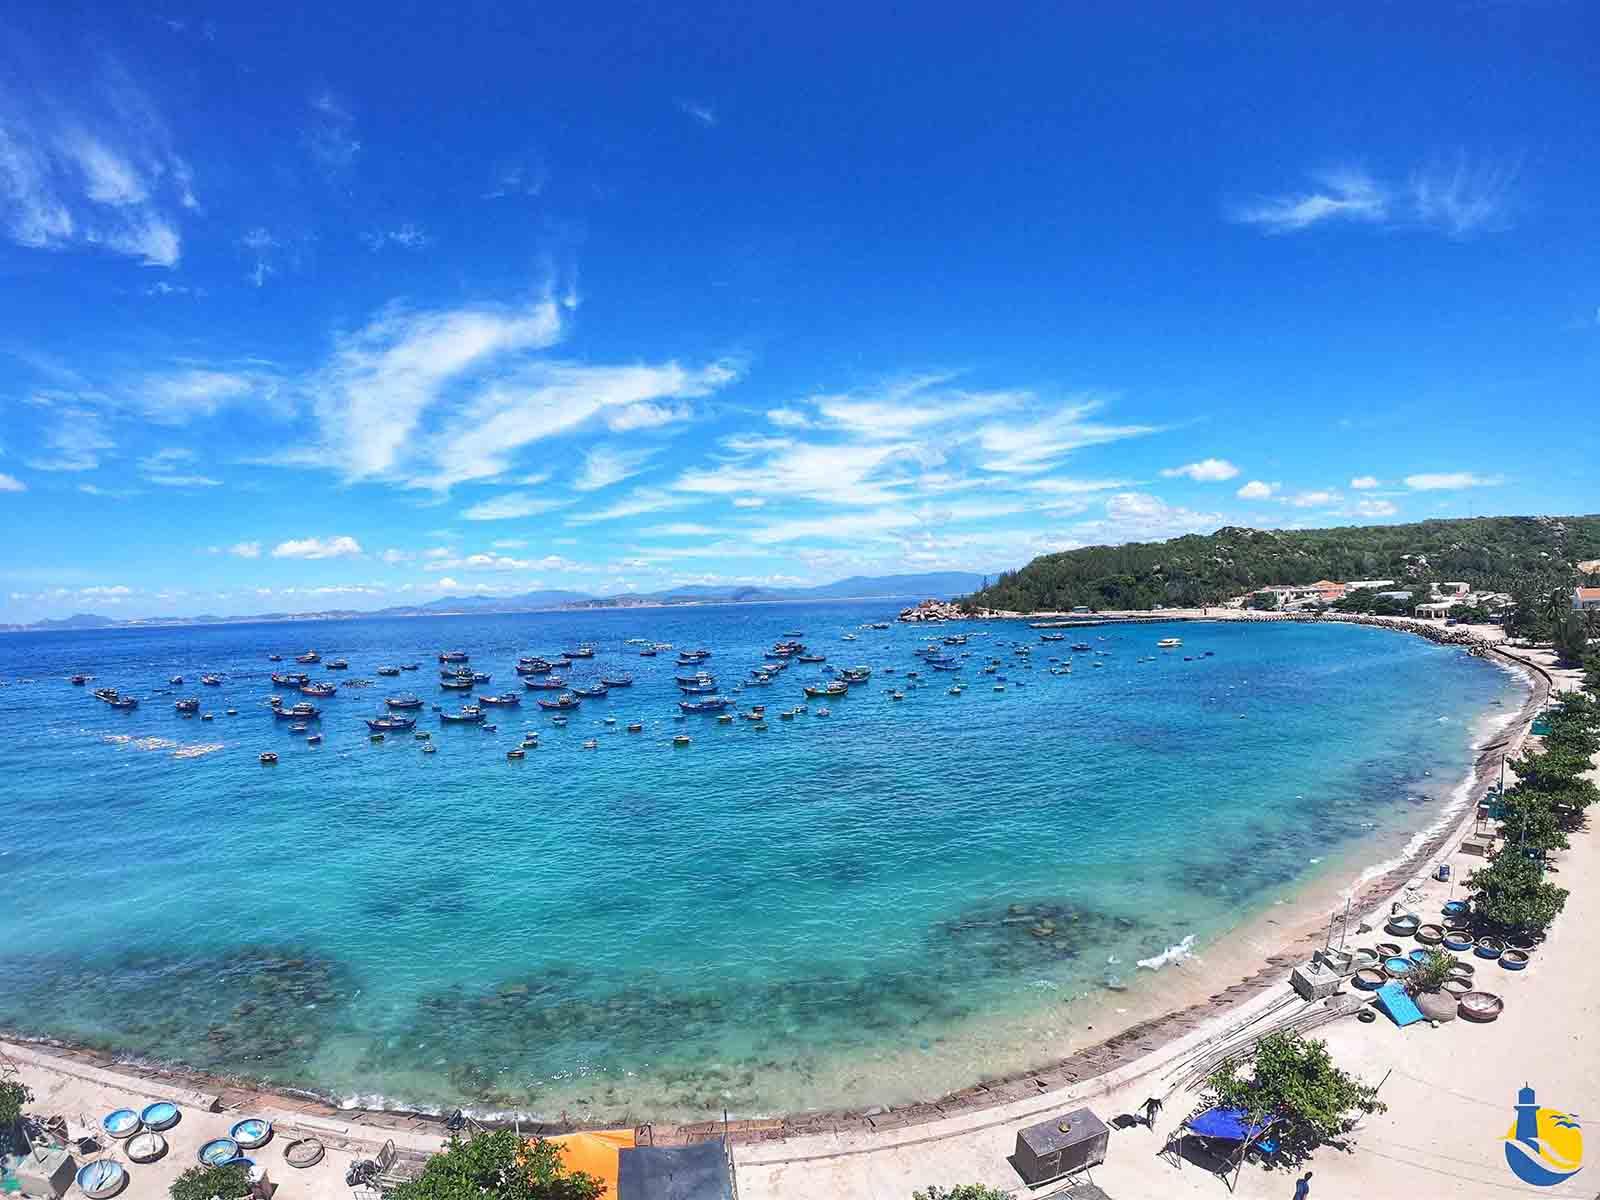 Biển cù lao xanh